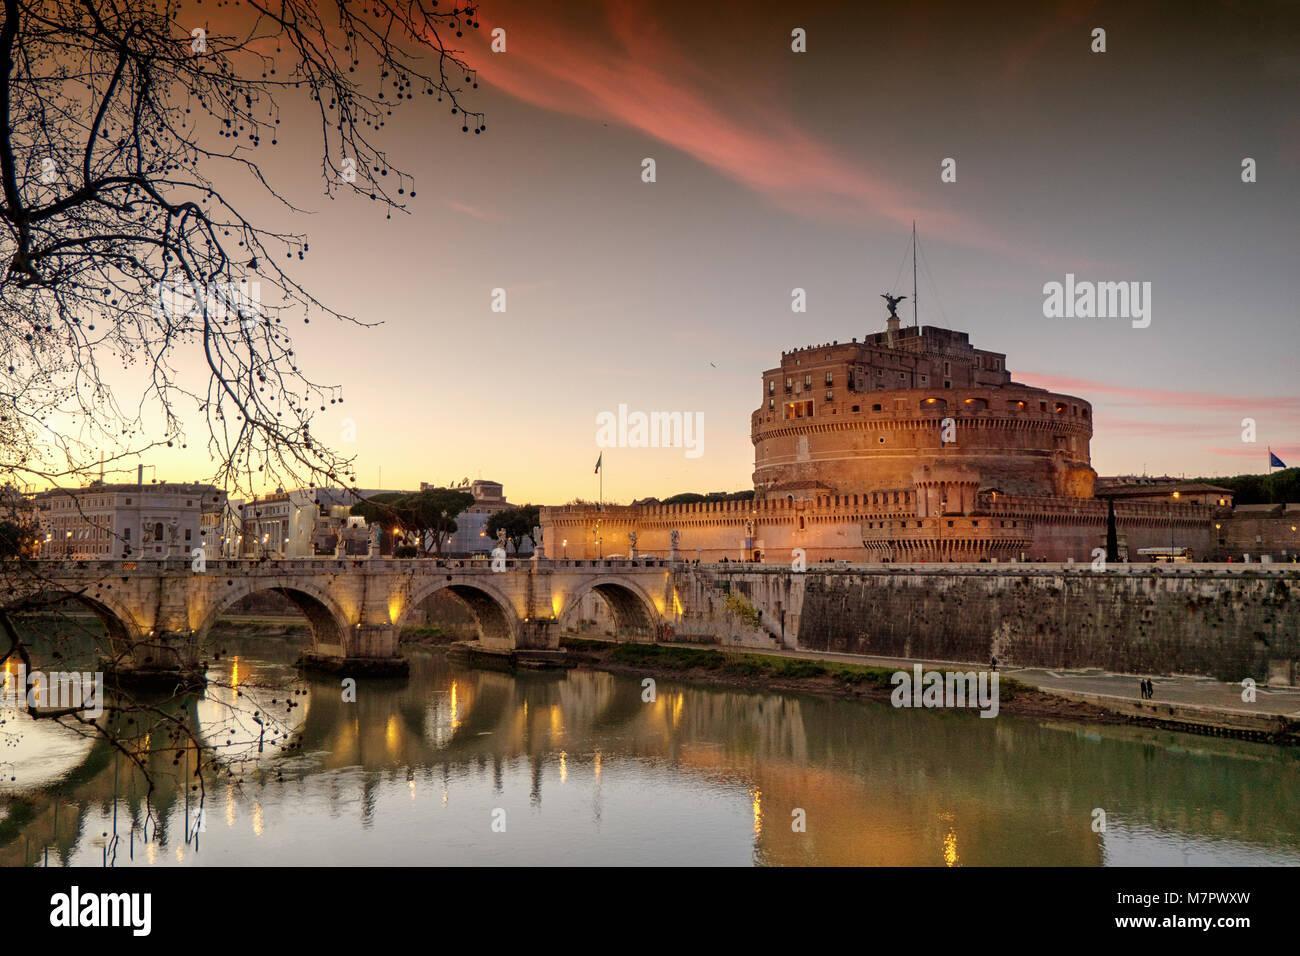 Coucher de soleil au château Saint Ange à Rome, Italie Banque D'Images